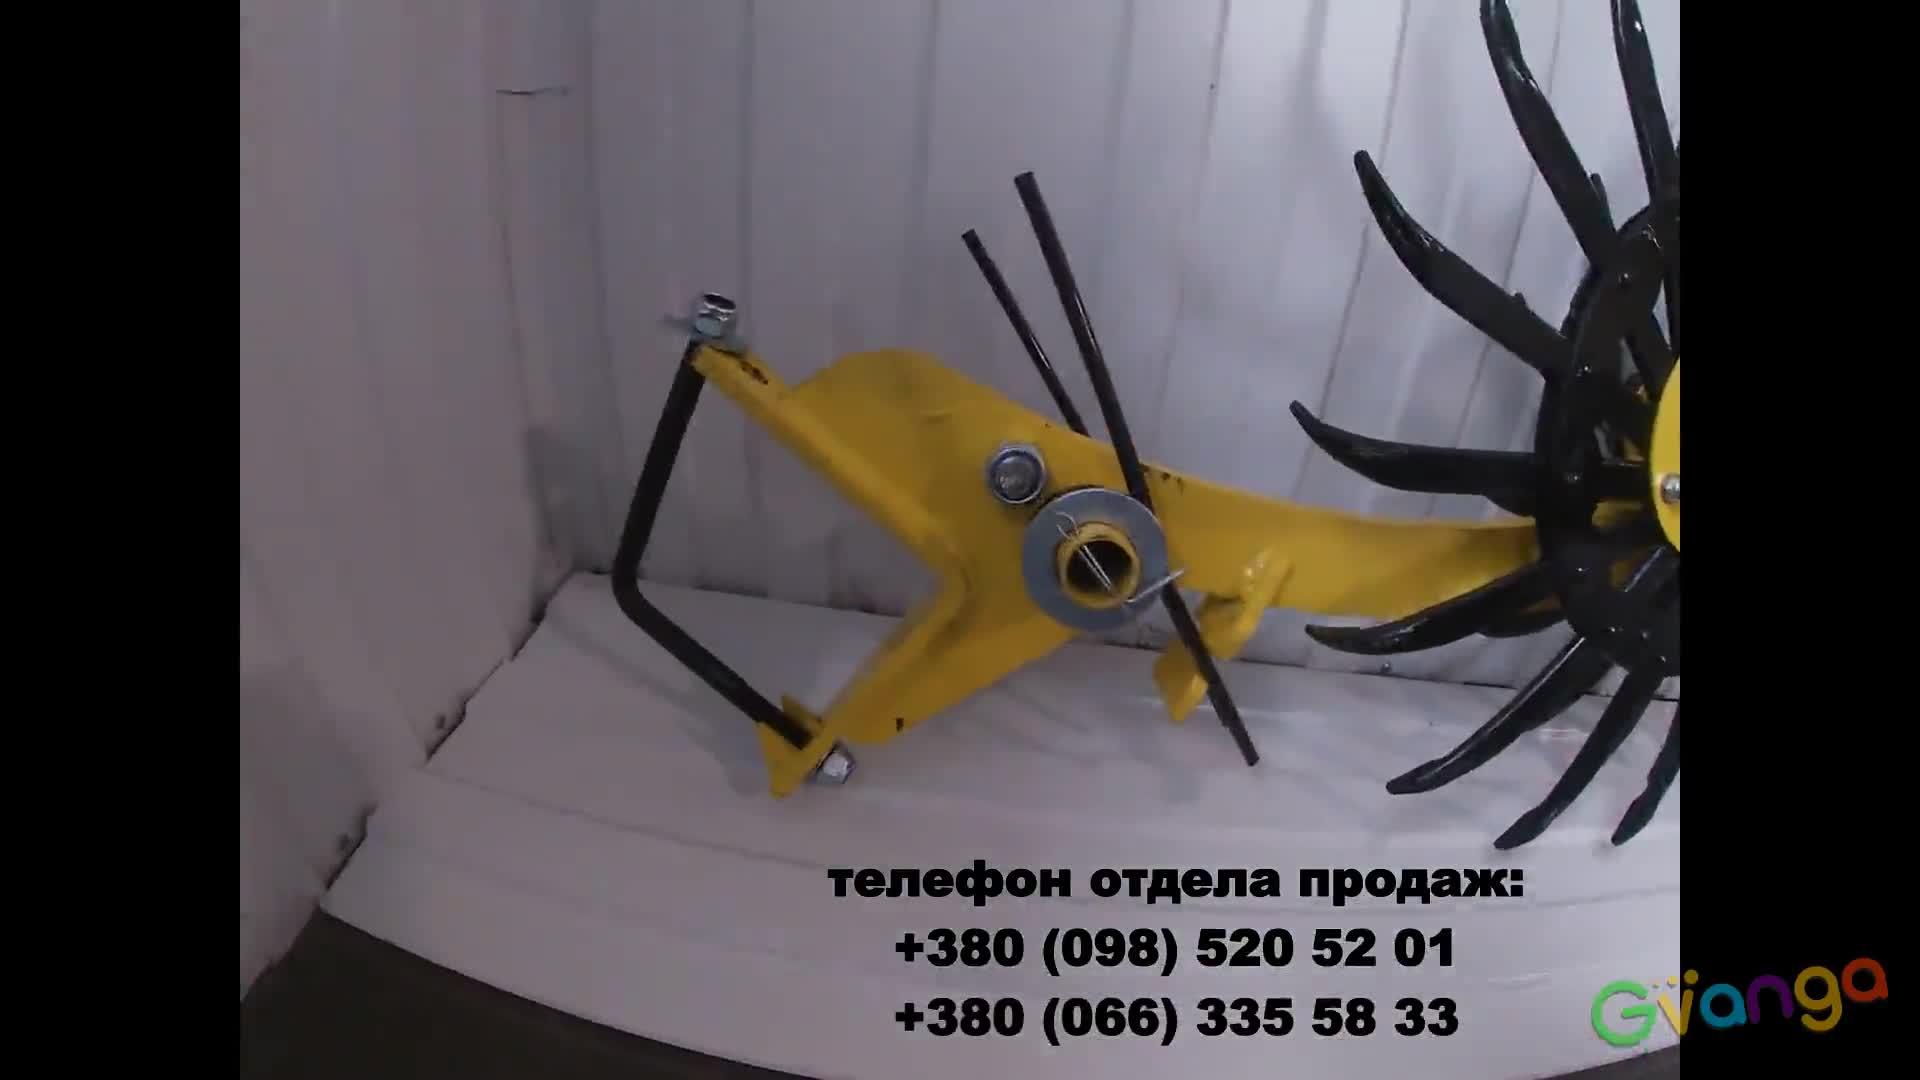 Ротационная борона Белла 6 м 25 рабочих органов